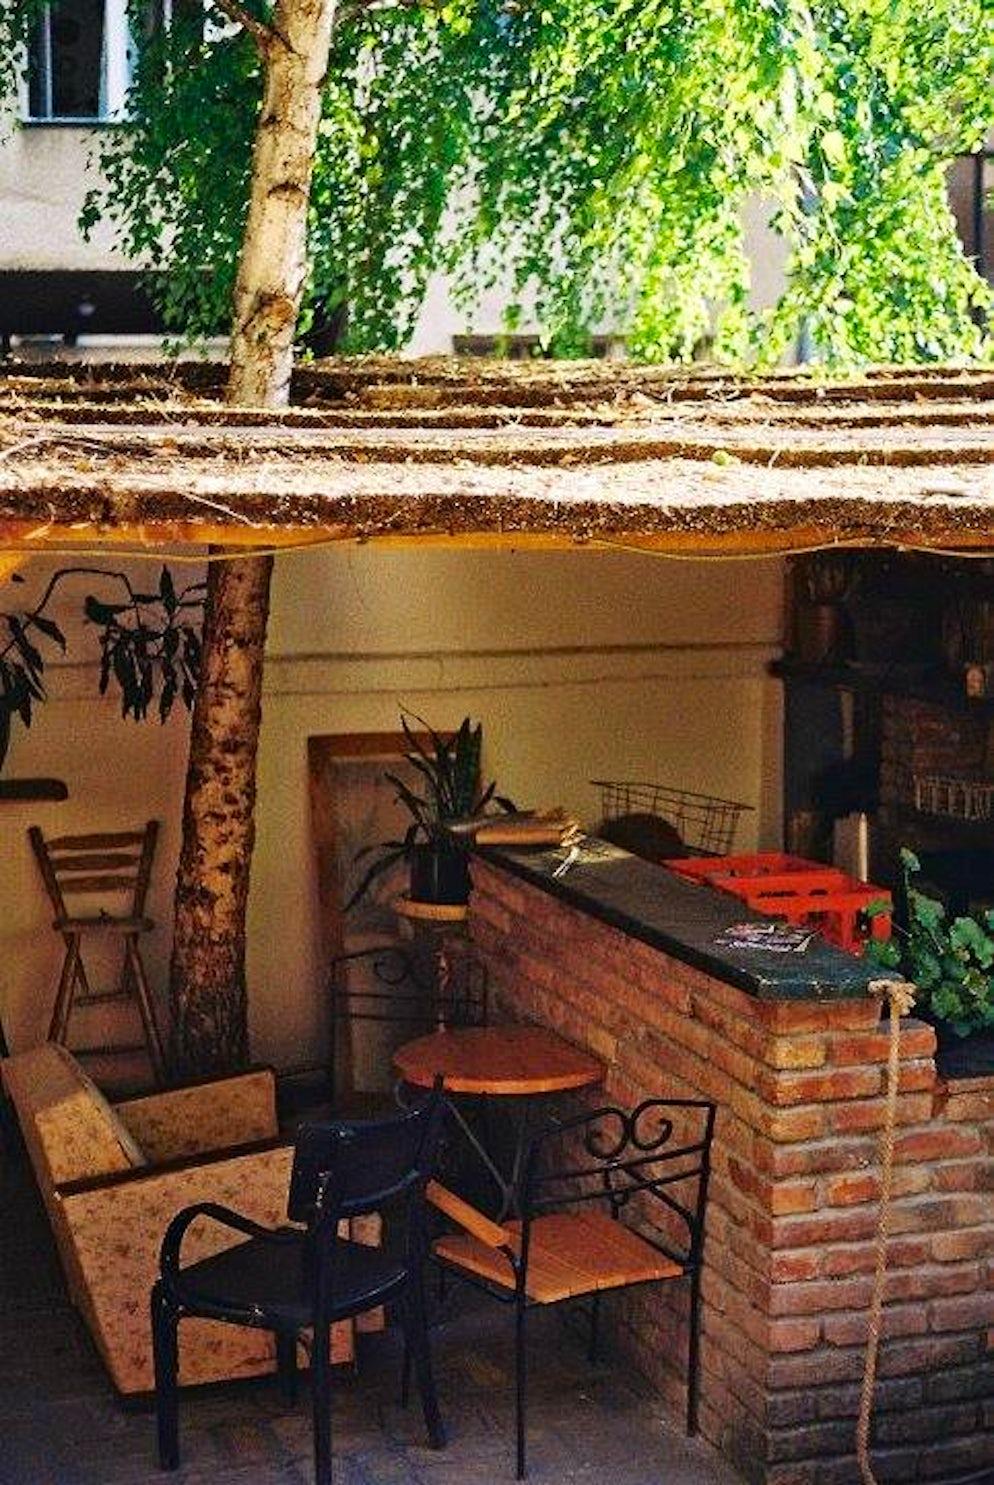 Izba cafe garden © Credits to Izba